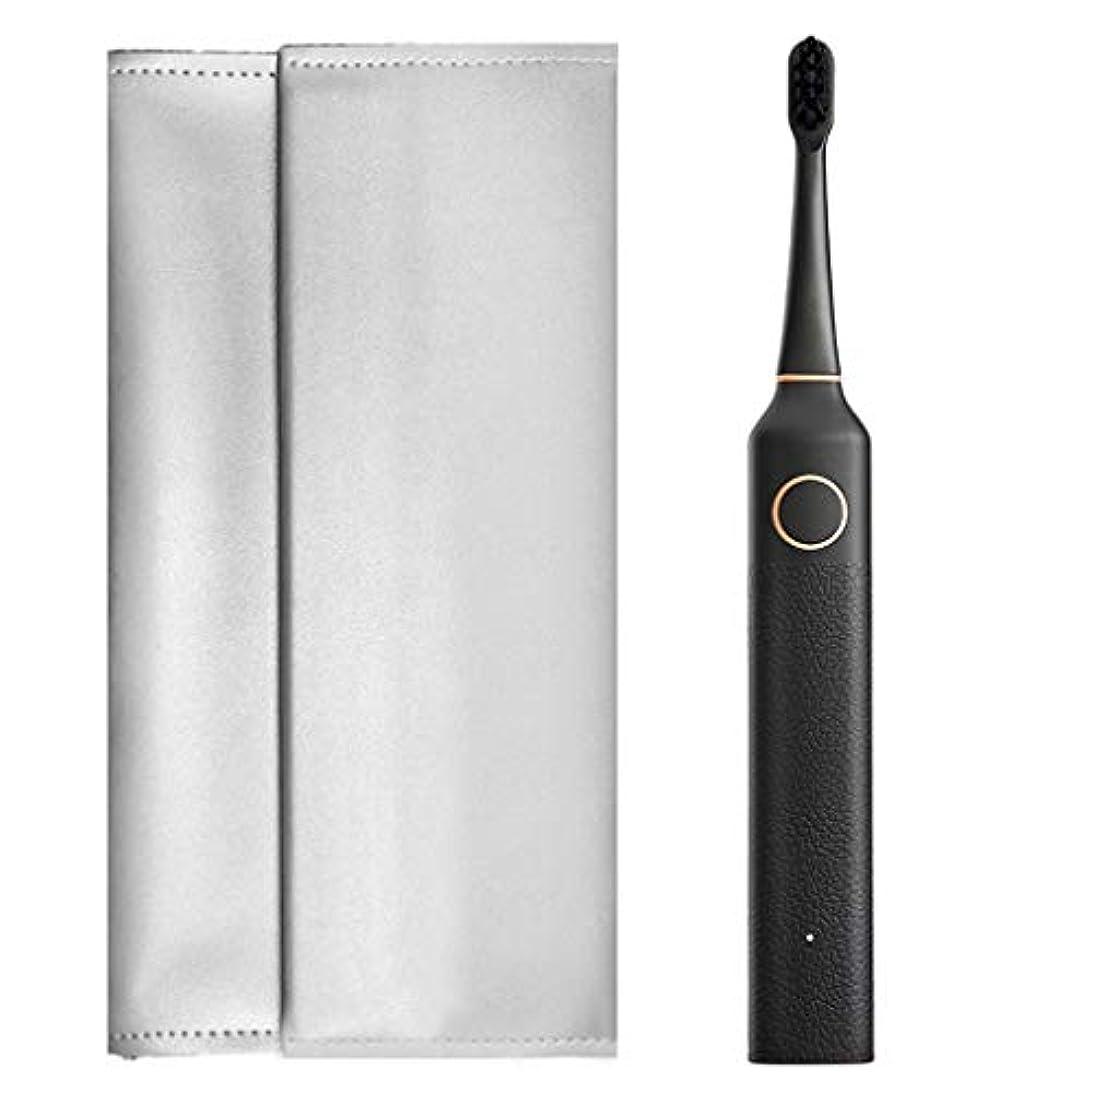 作成するツーリスト構成する大人の回転電動歯ブラシ、スマートタイマーと強力な電池寿命を備えた充電式歯ブラシ (色 : D)